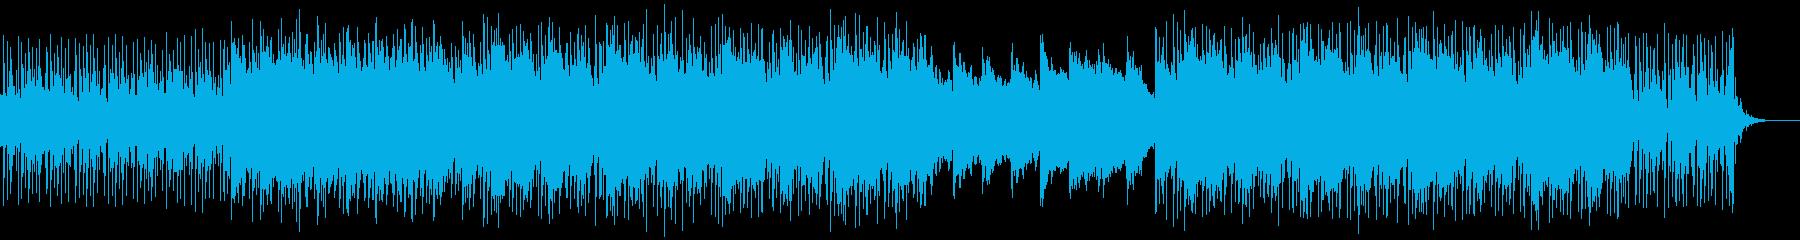 【企業VP】コーポレート・テクノロジーの再生済みの波形